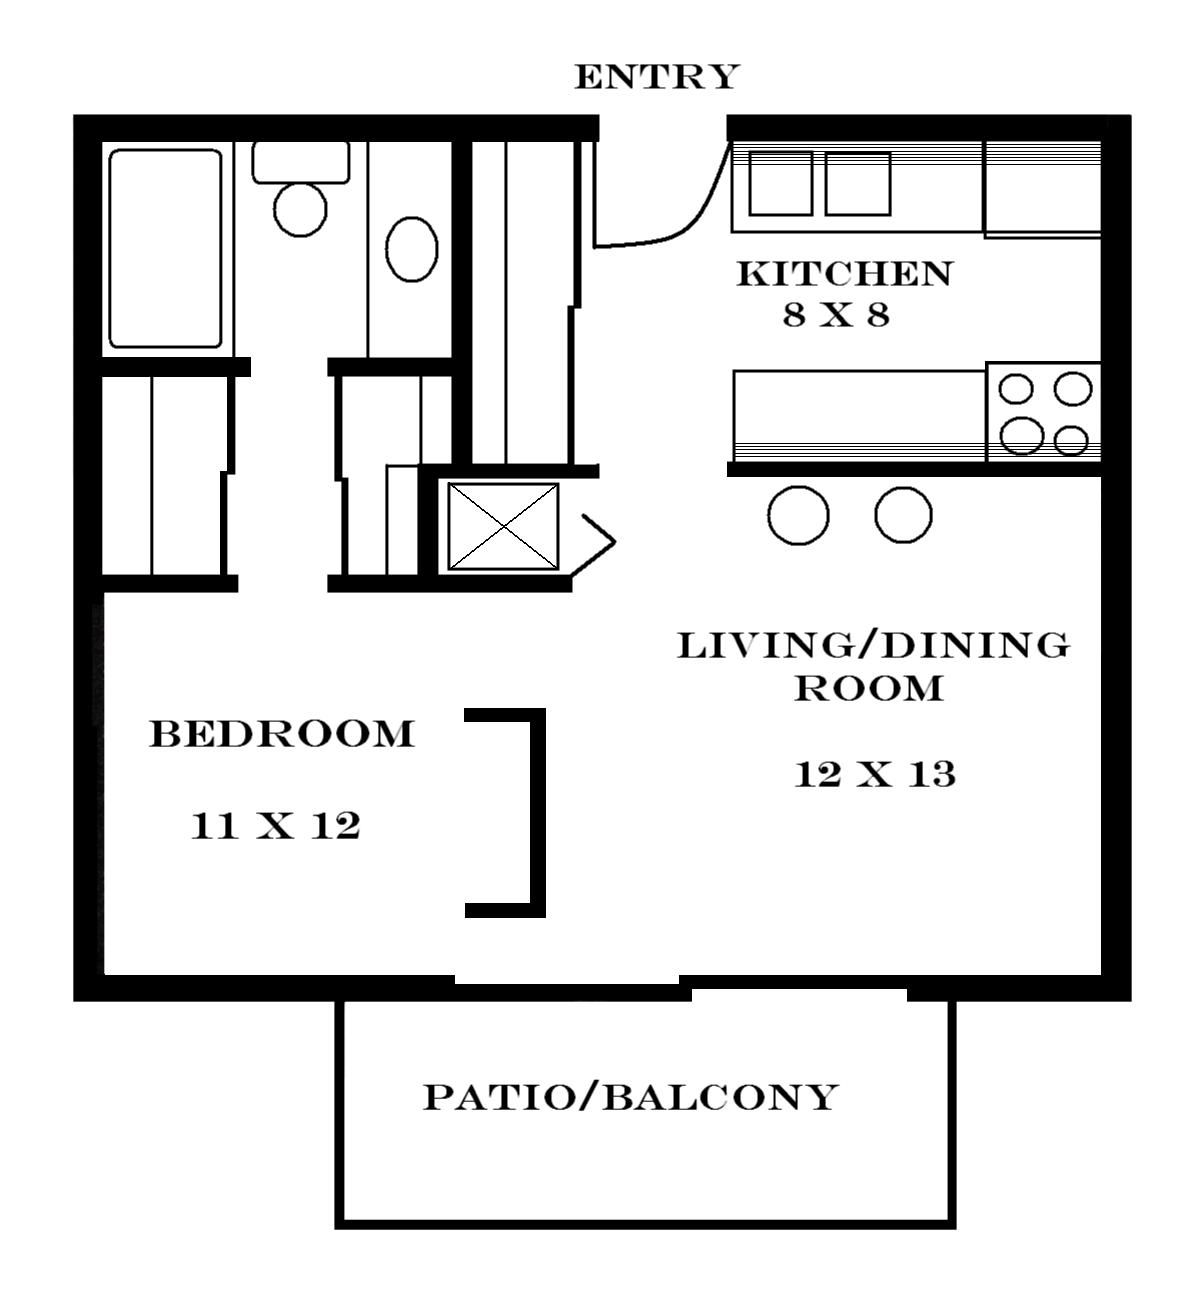 Easy floor plan design